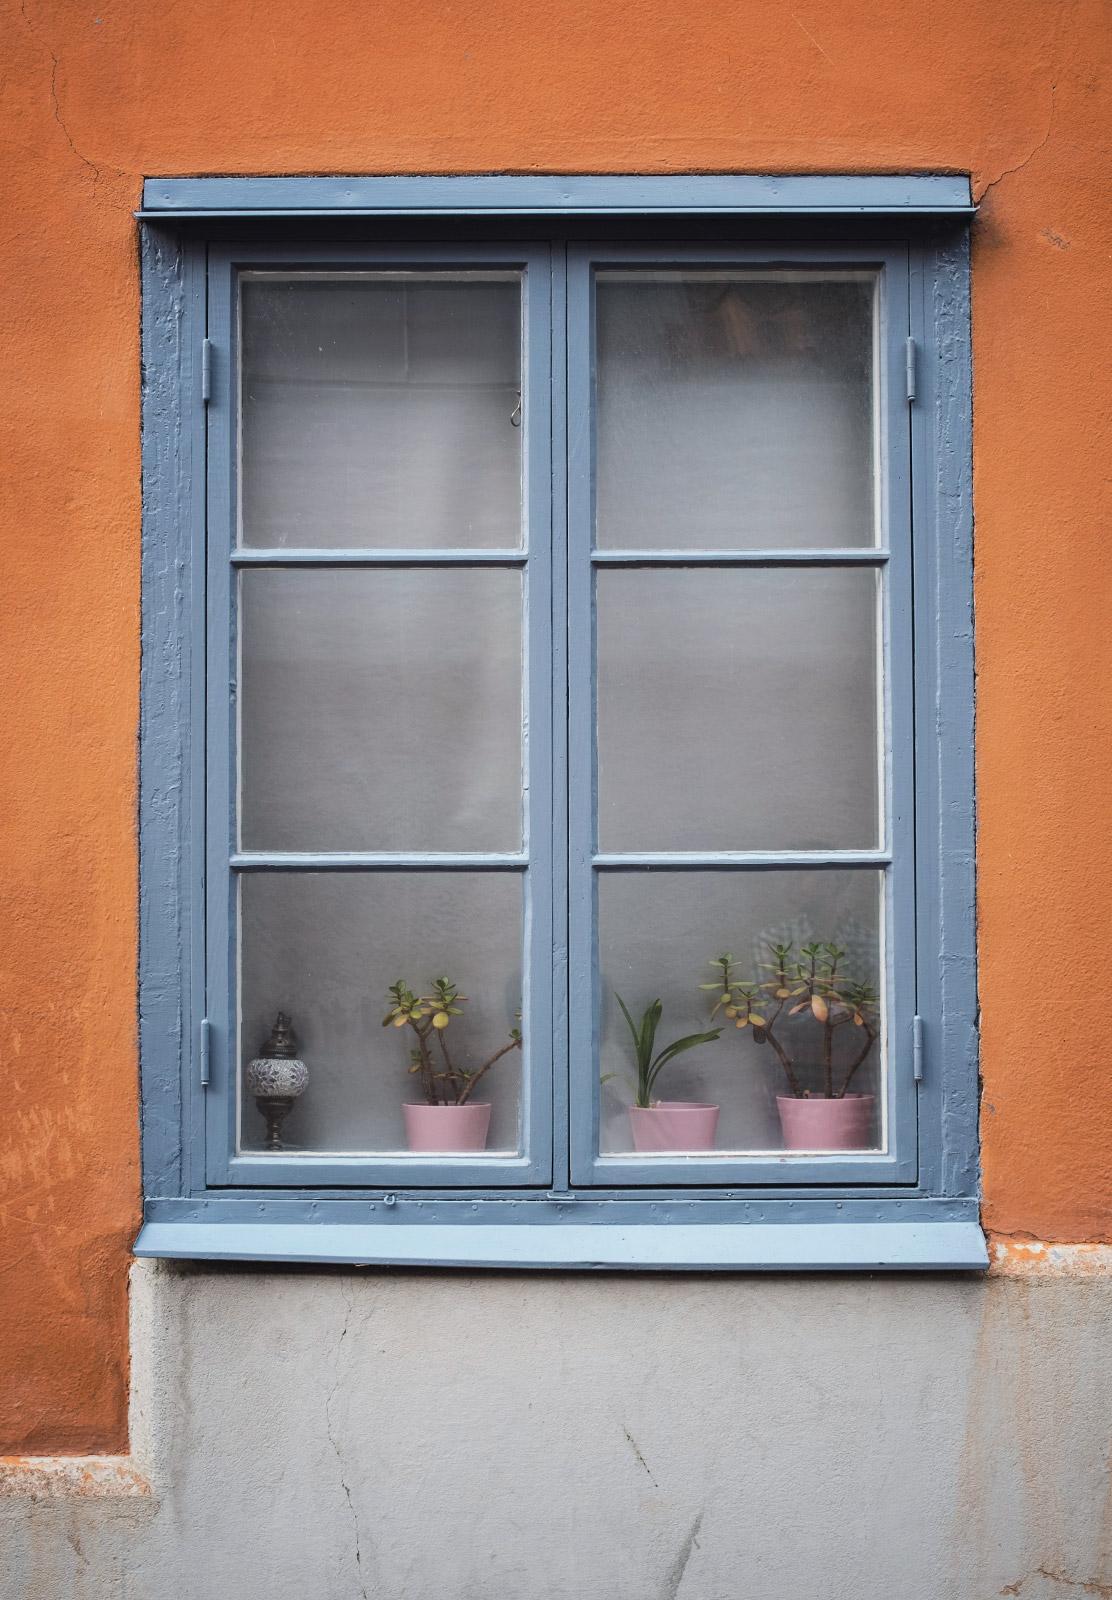 Blue window on orange wall